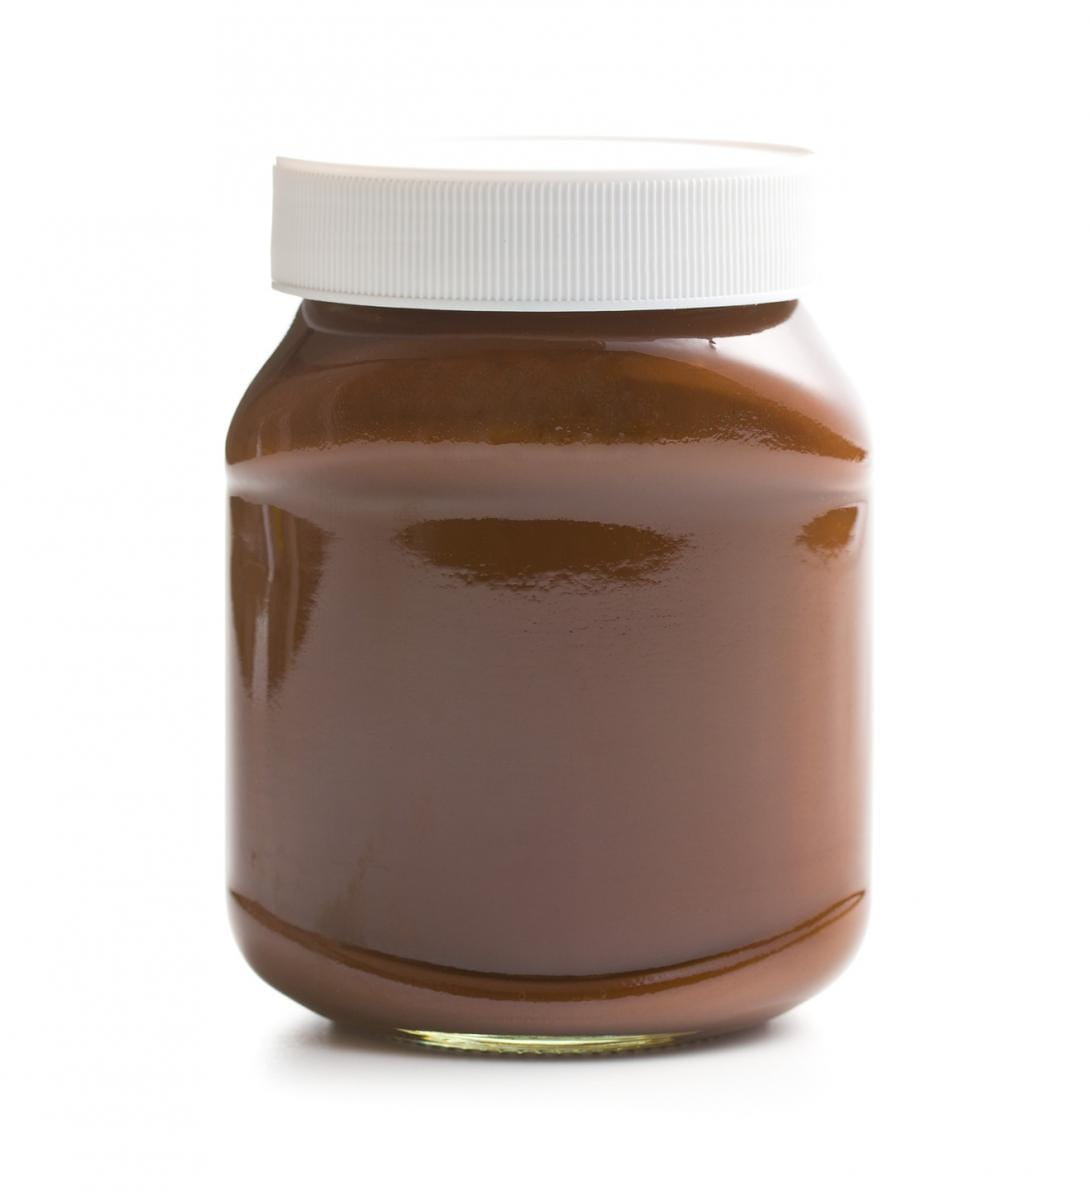 Nutella®: Pubblicità Ingannevole - Condanna per la Ferrero